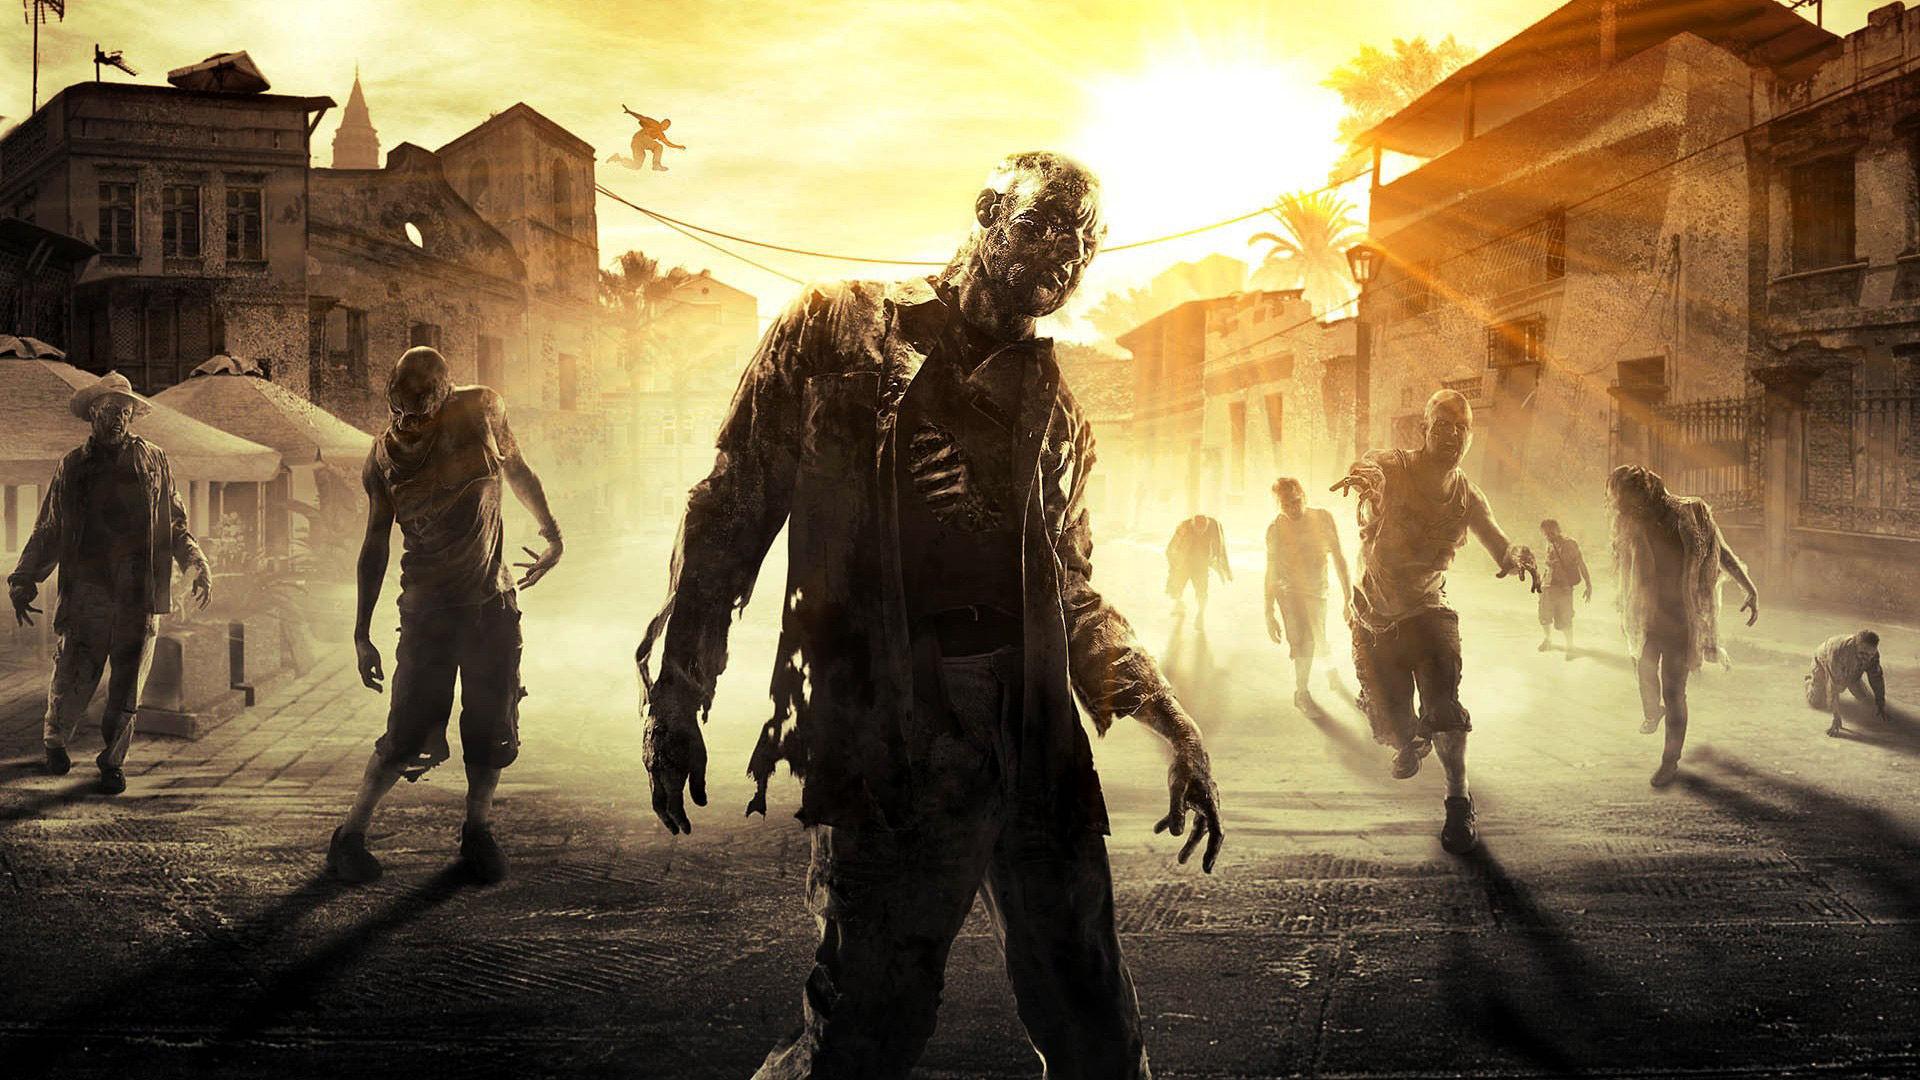 El apocalipsis zombie ya ha comenzado según un cura